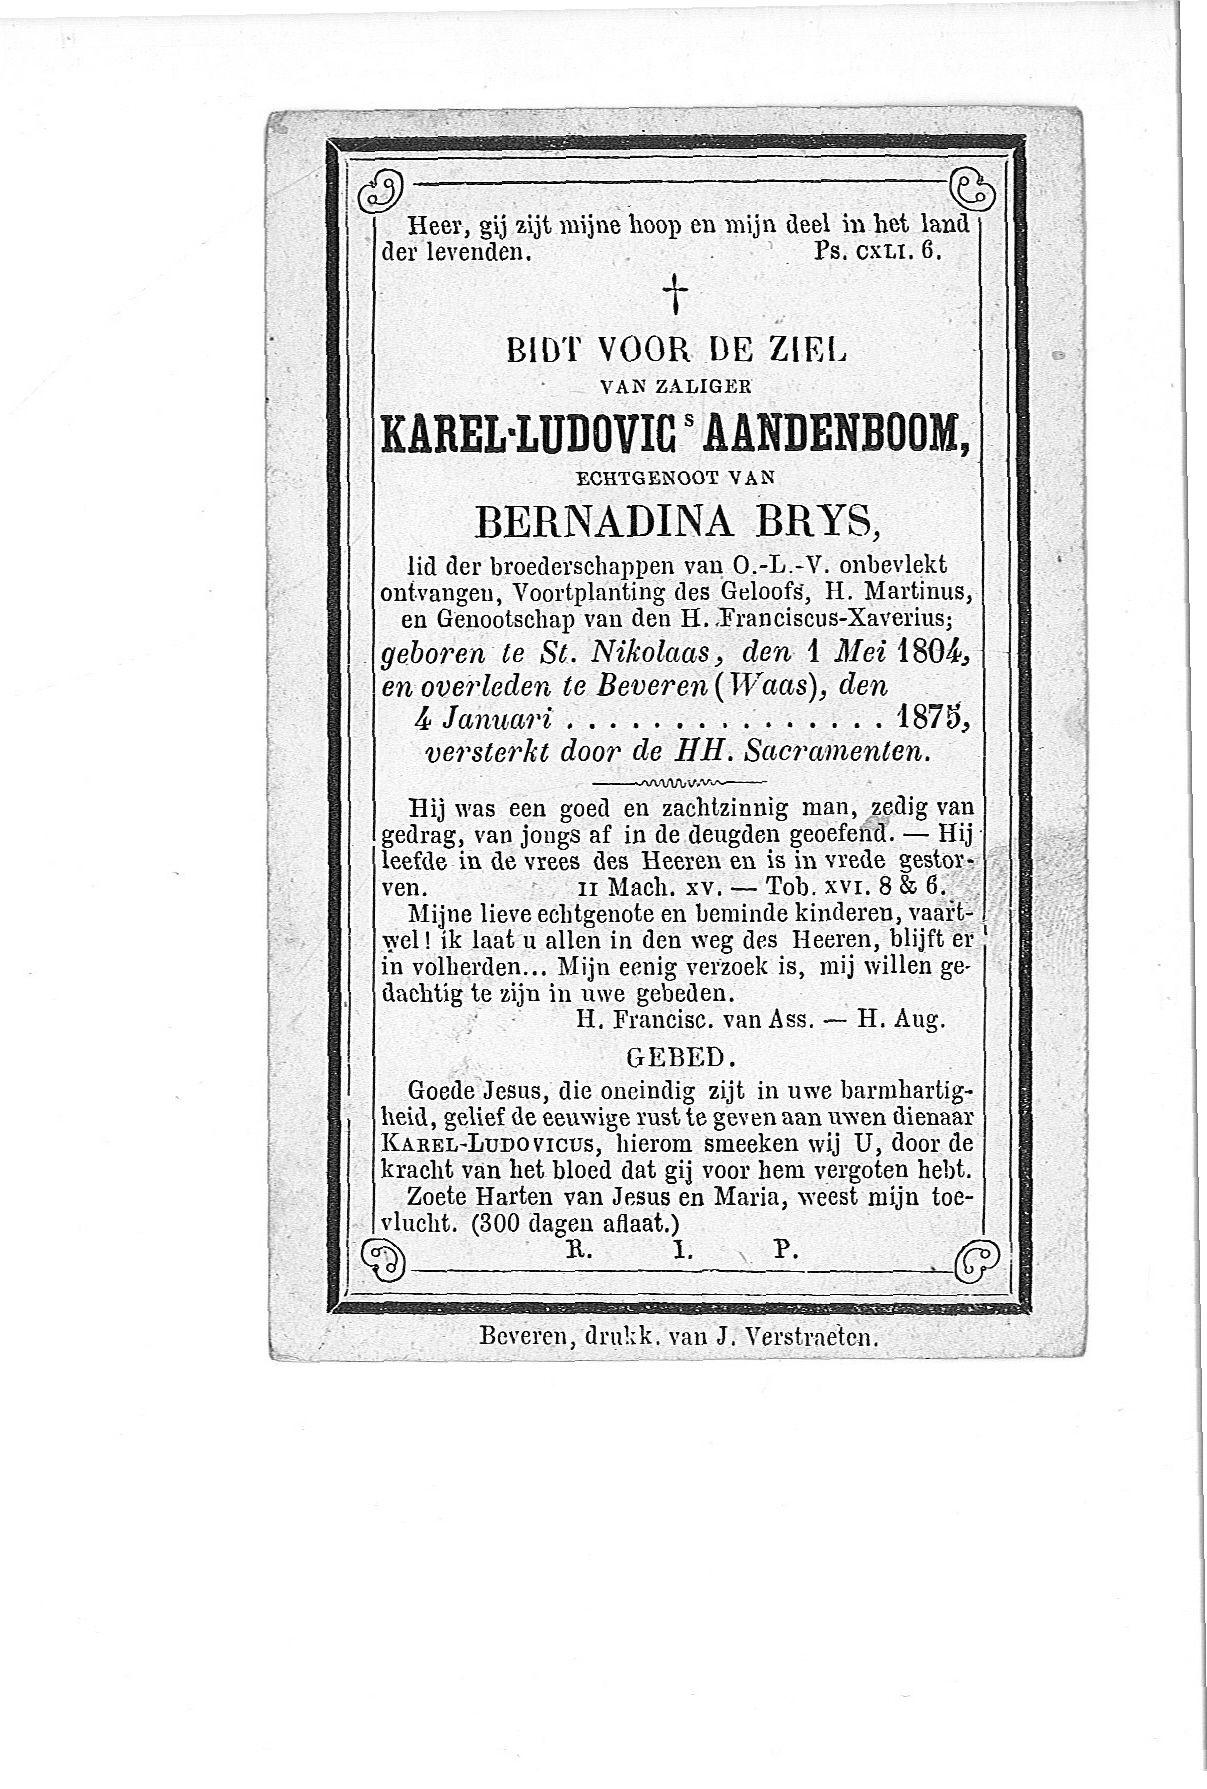 karel-ludovic(1875)20090105113124_00003.jpg